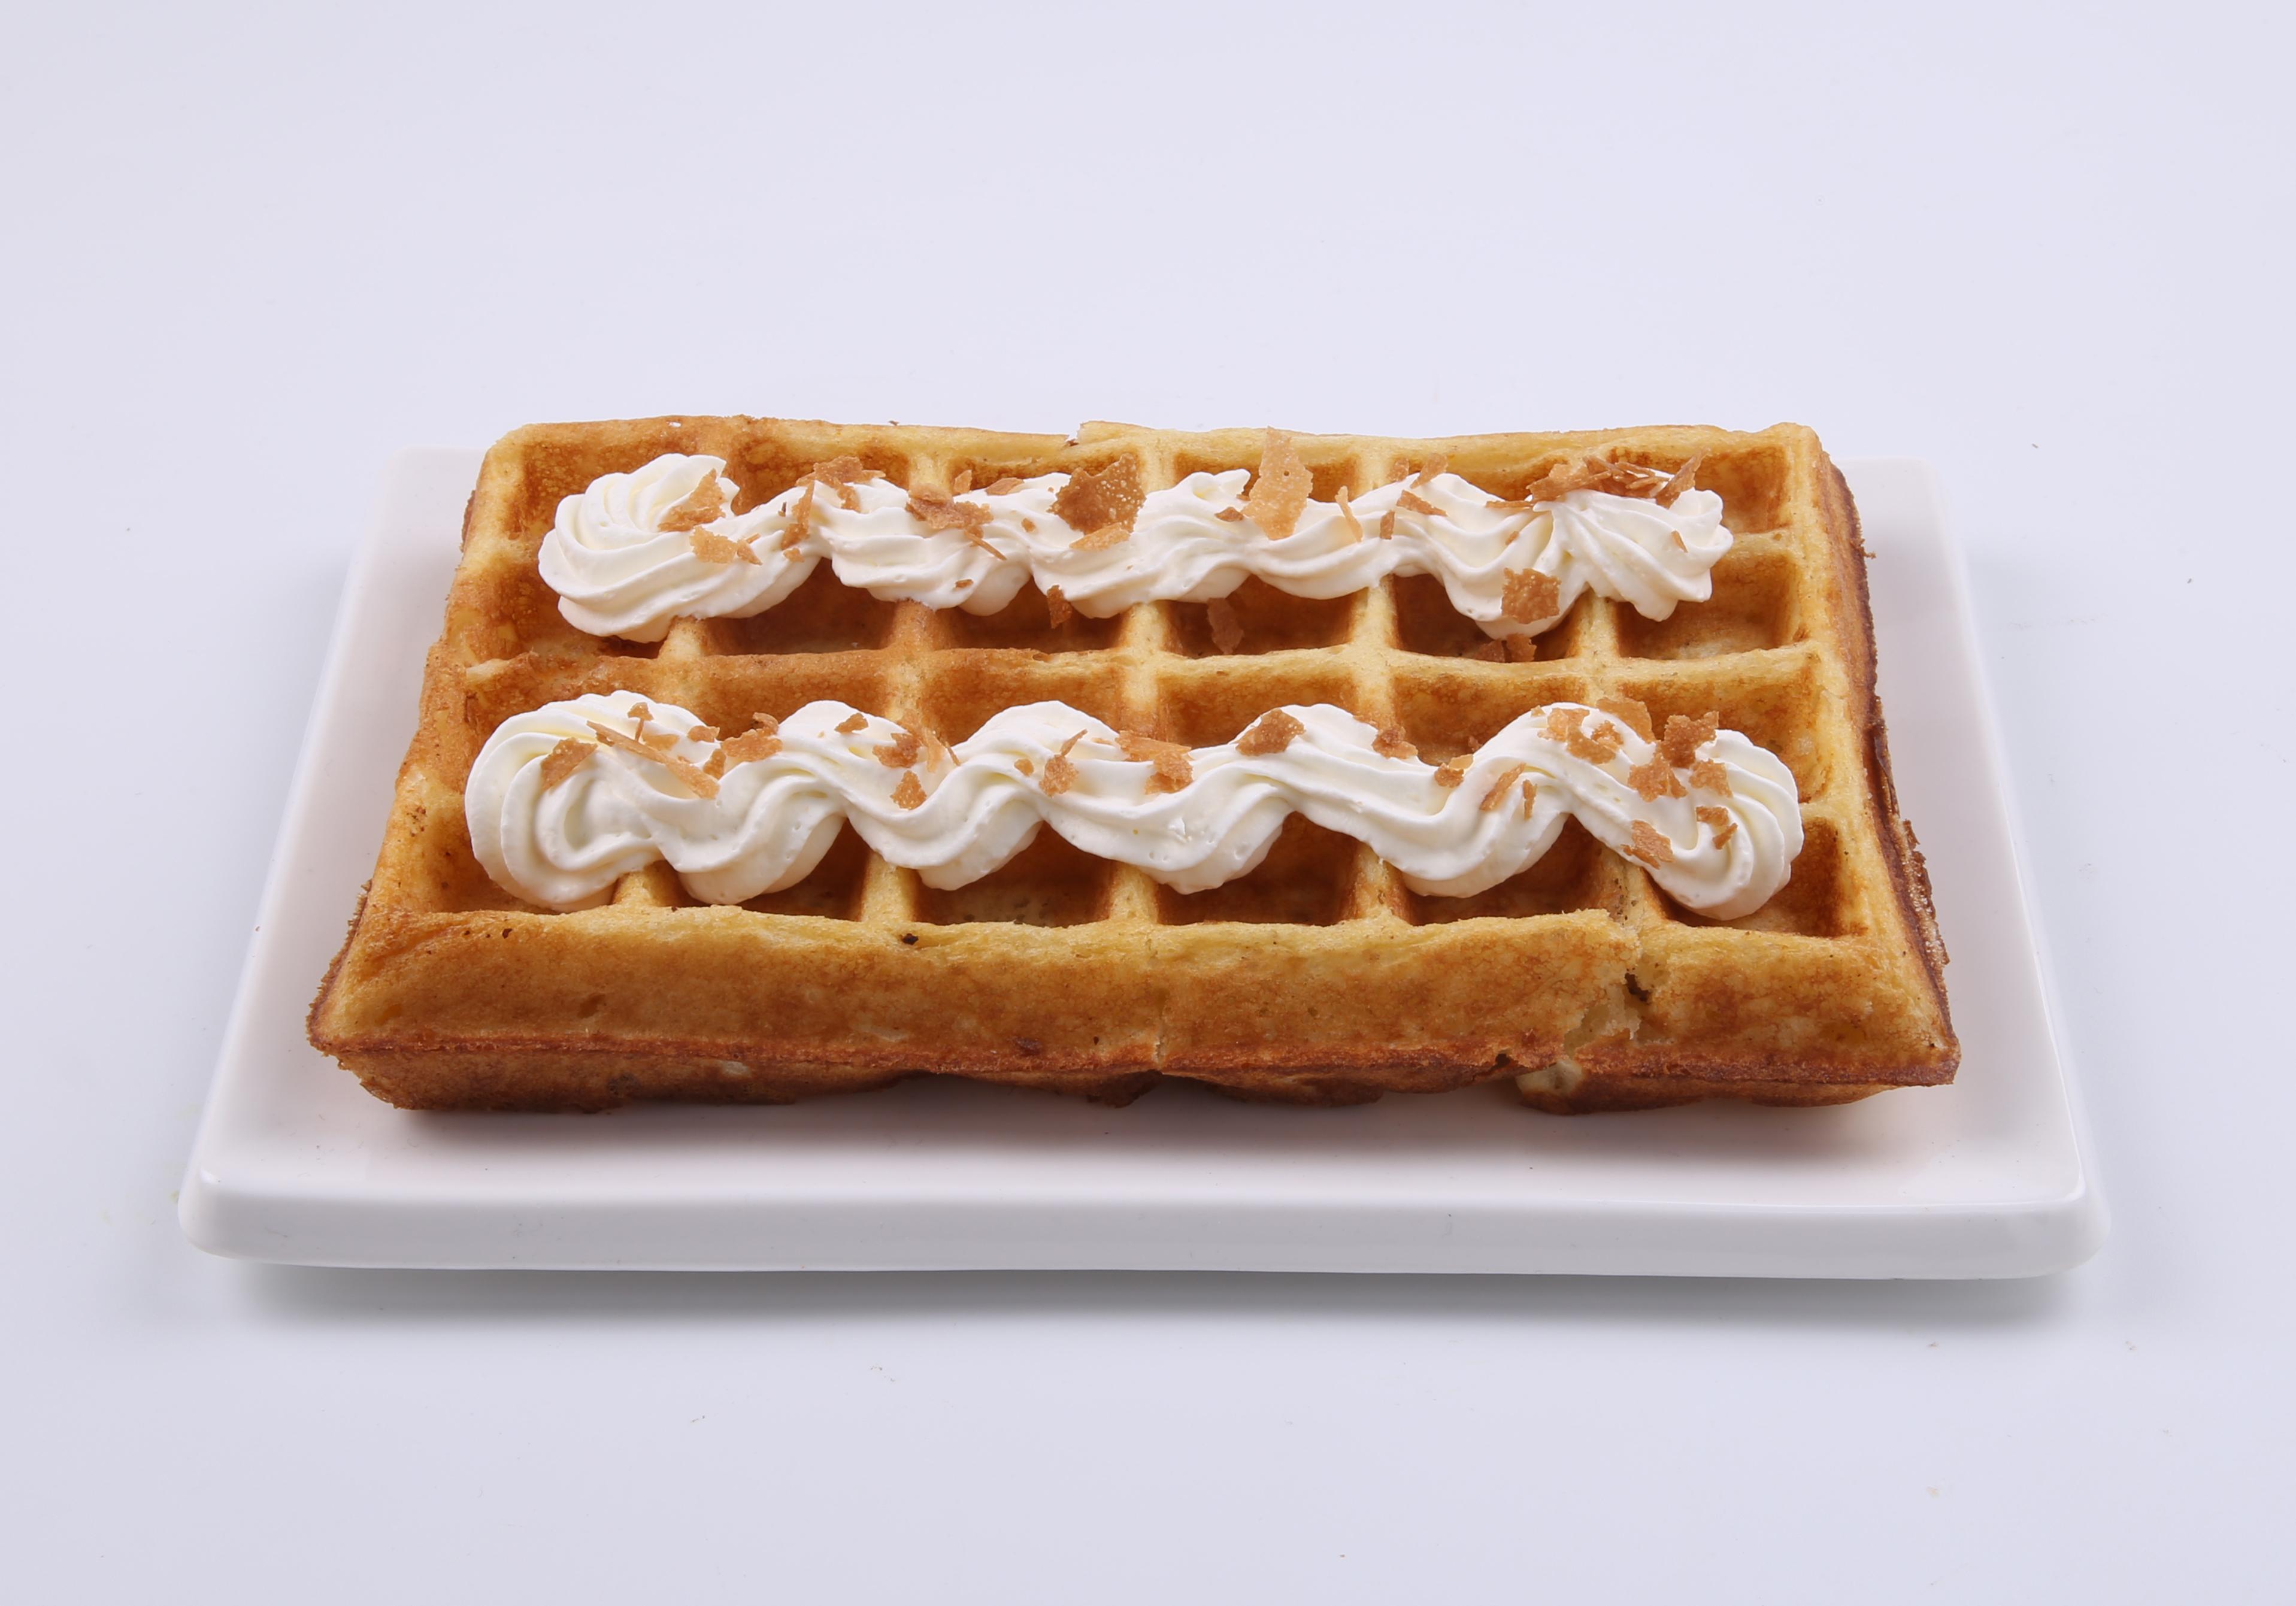 仿真食品模型玩具华夫饼(松饼)挂件模型过家家玩具